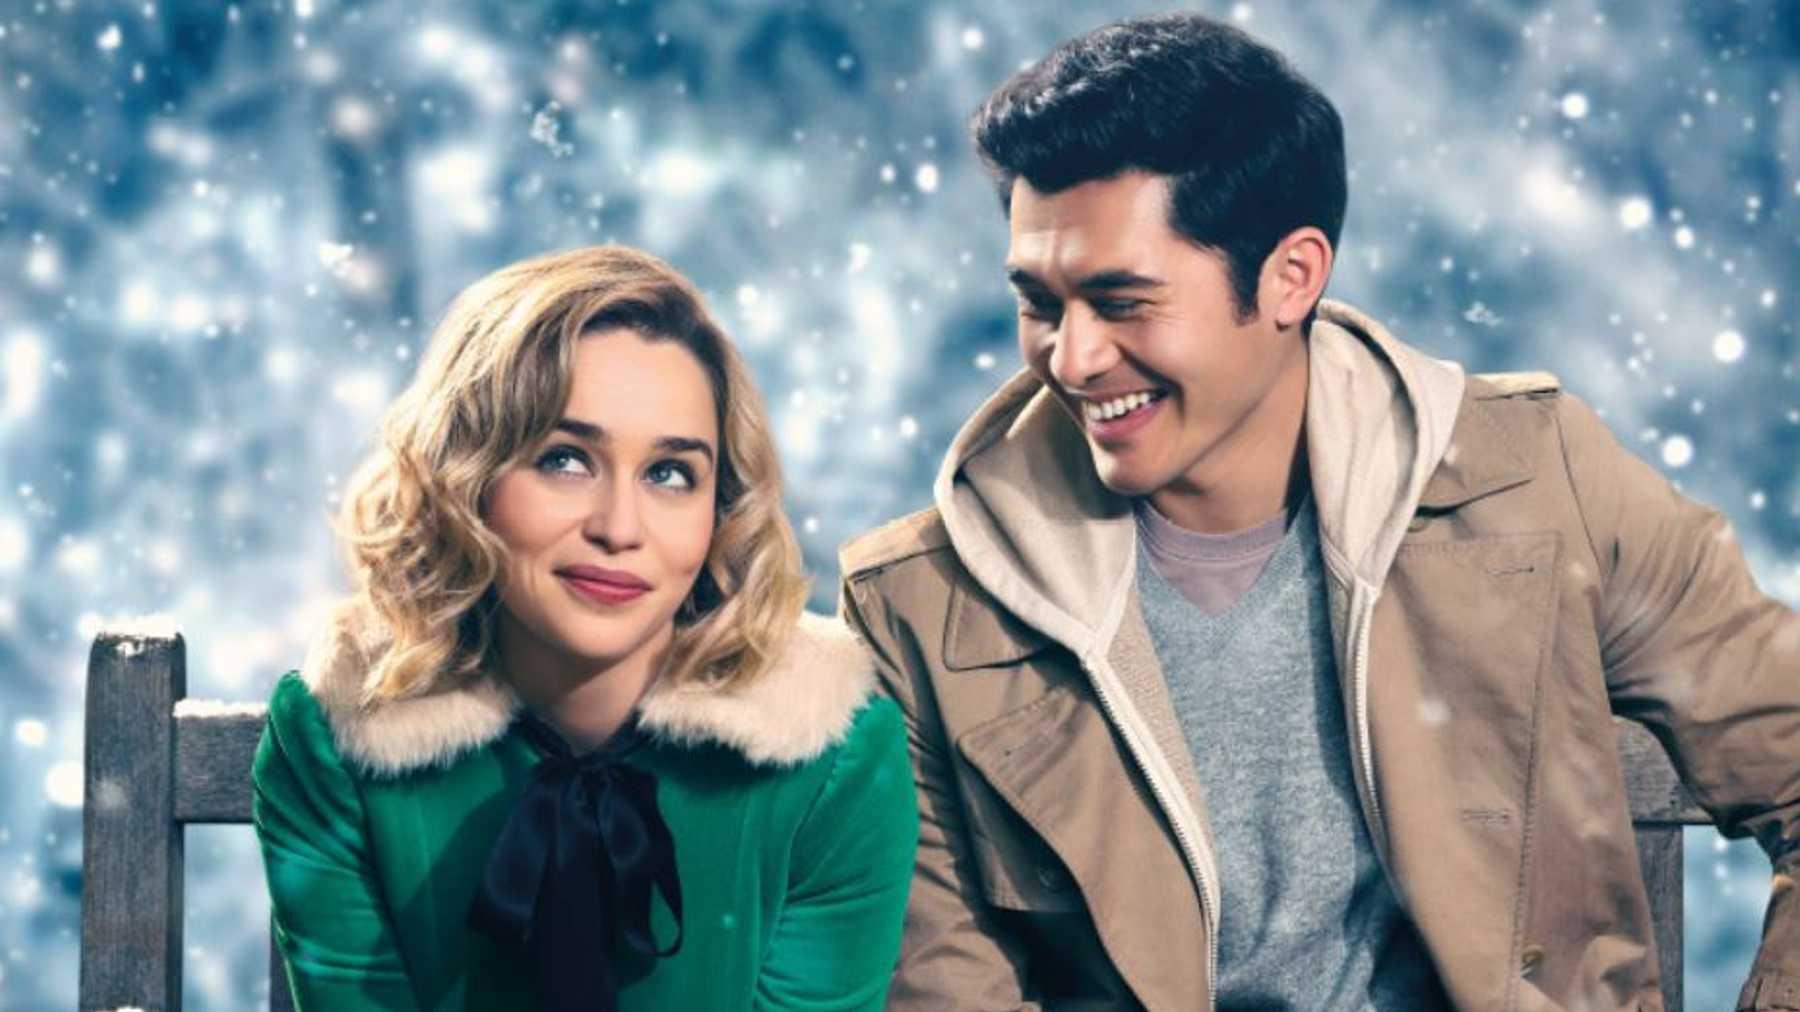 Χριστουγεννιάτικο Cocooning με ταινίες για όλα τα γούστα από την COSMOTE TV